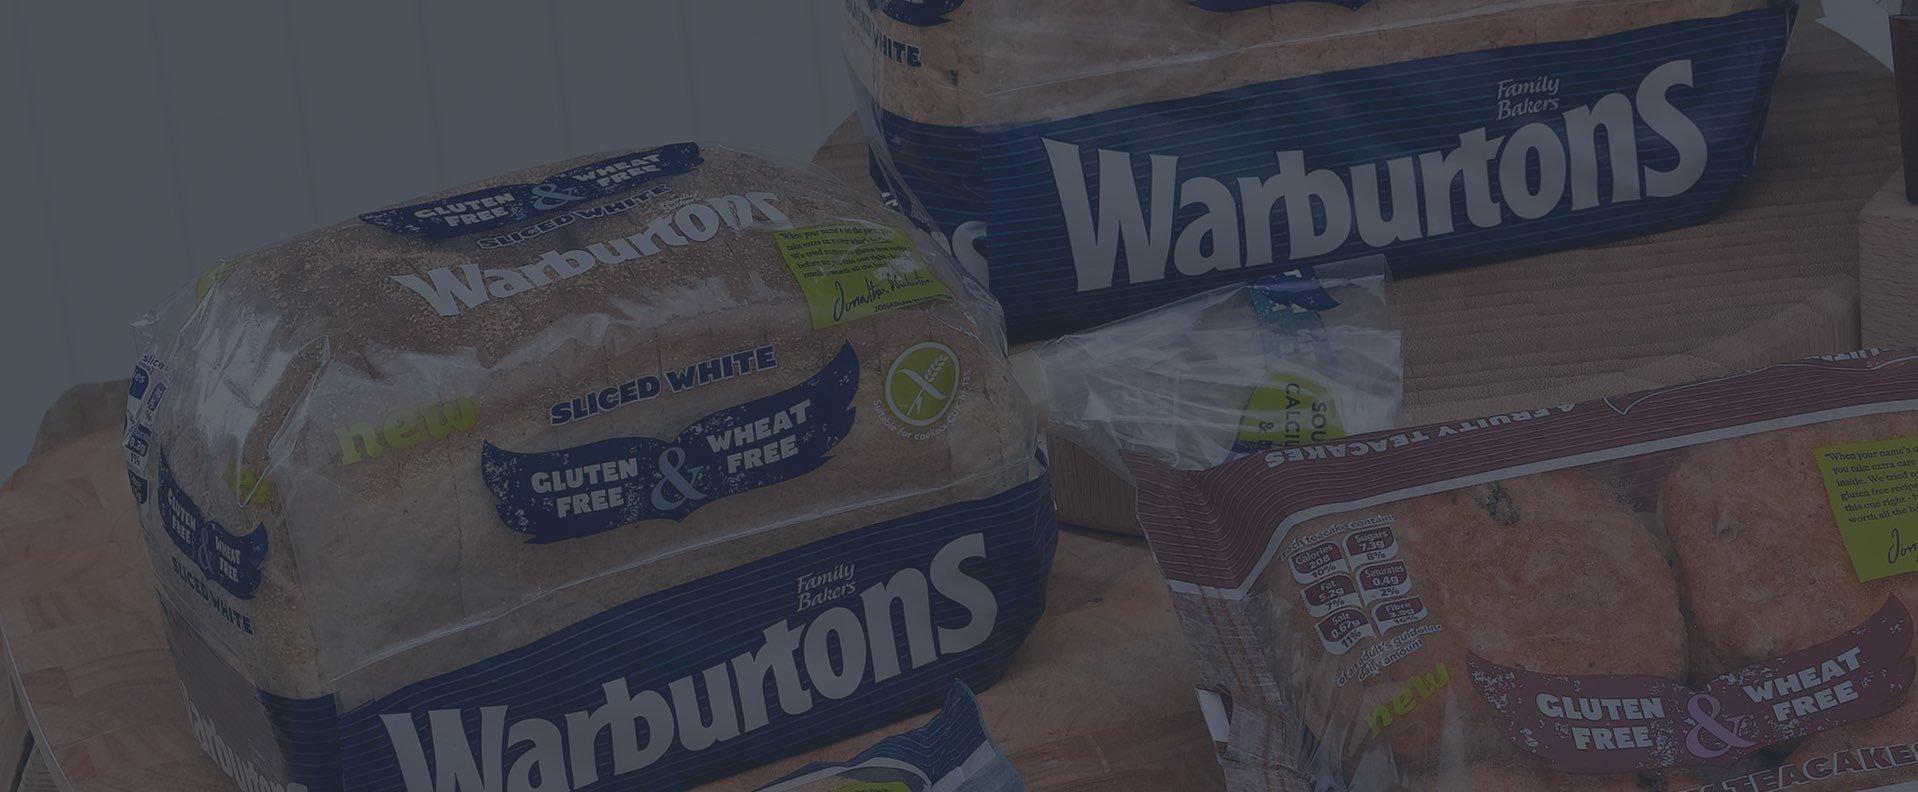 Warburtons Success story